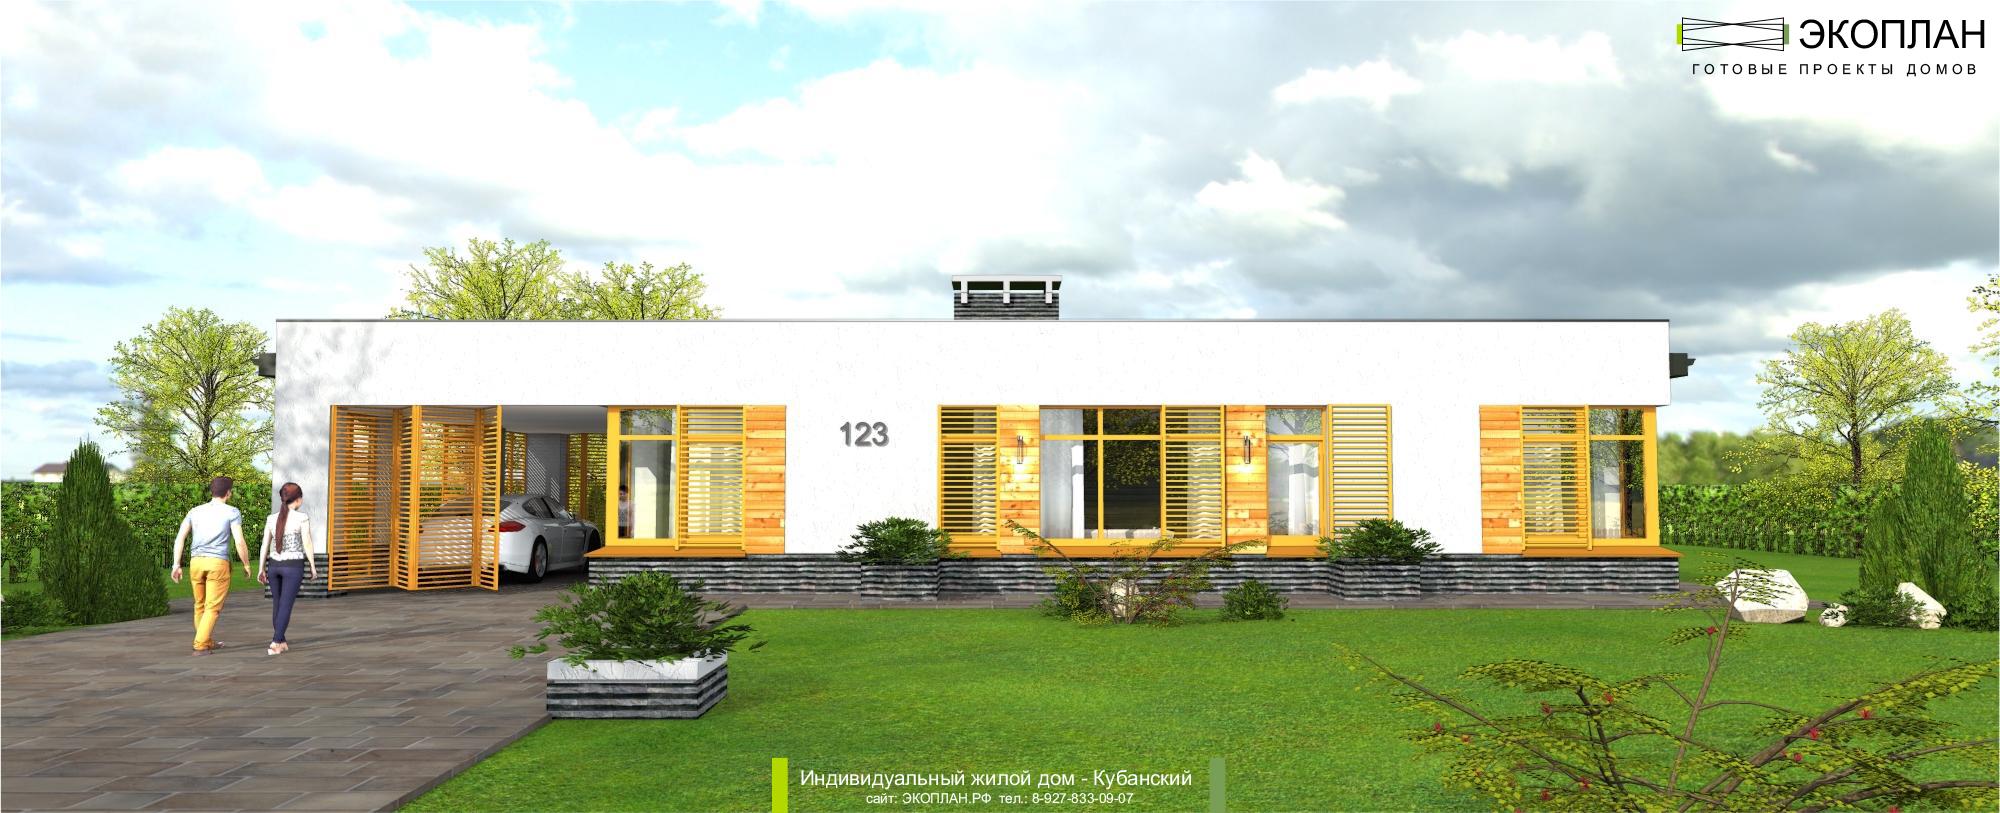 Готовый проект дома - Сочинский - Ульяновск фасад